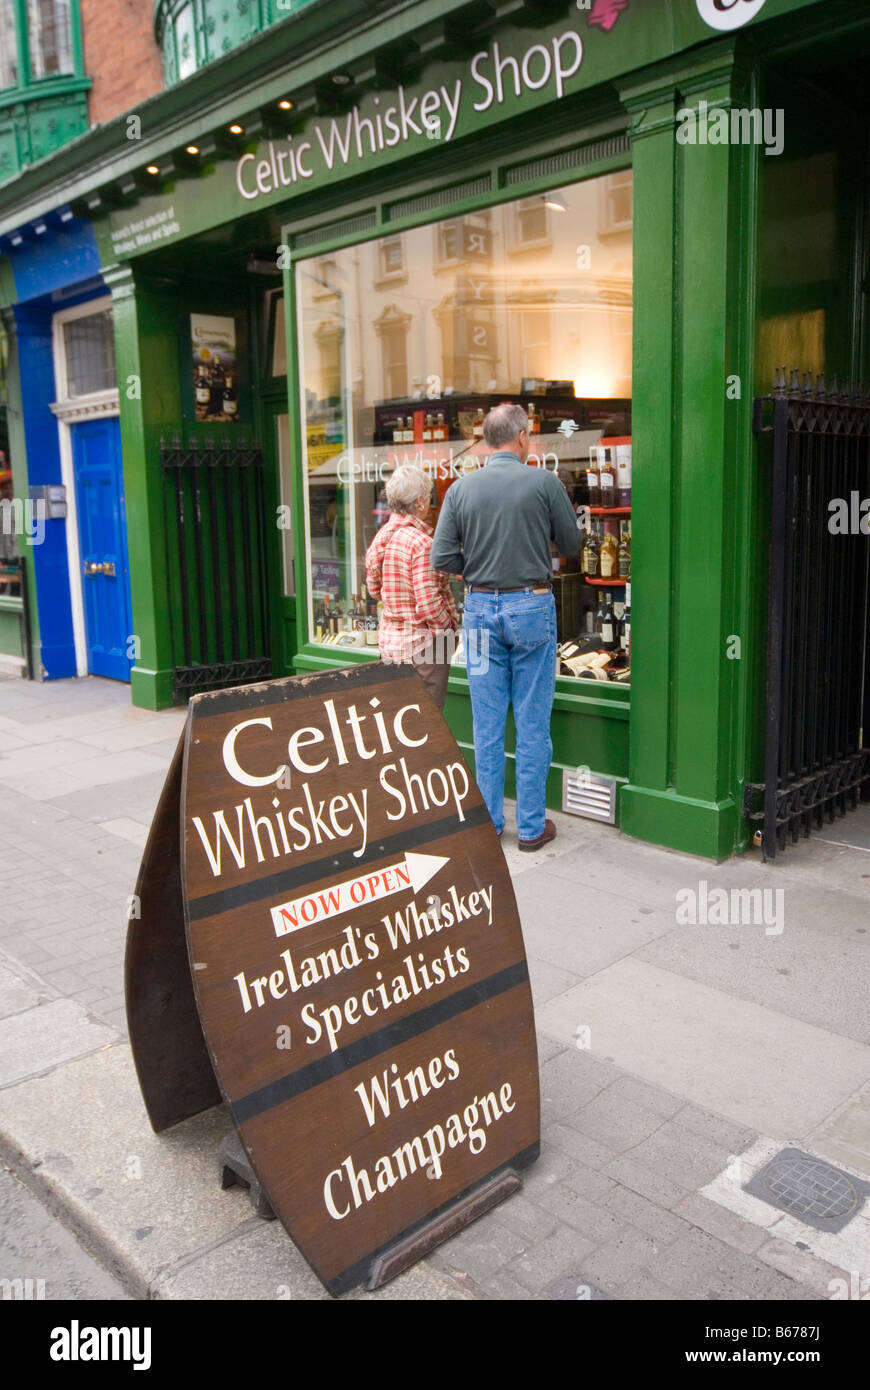 Celtic Whiskey Shop Dublin - Stock Image